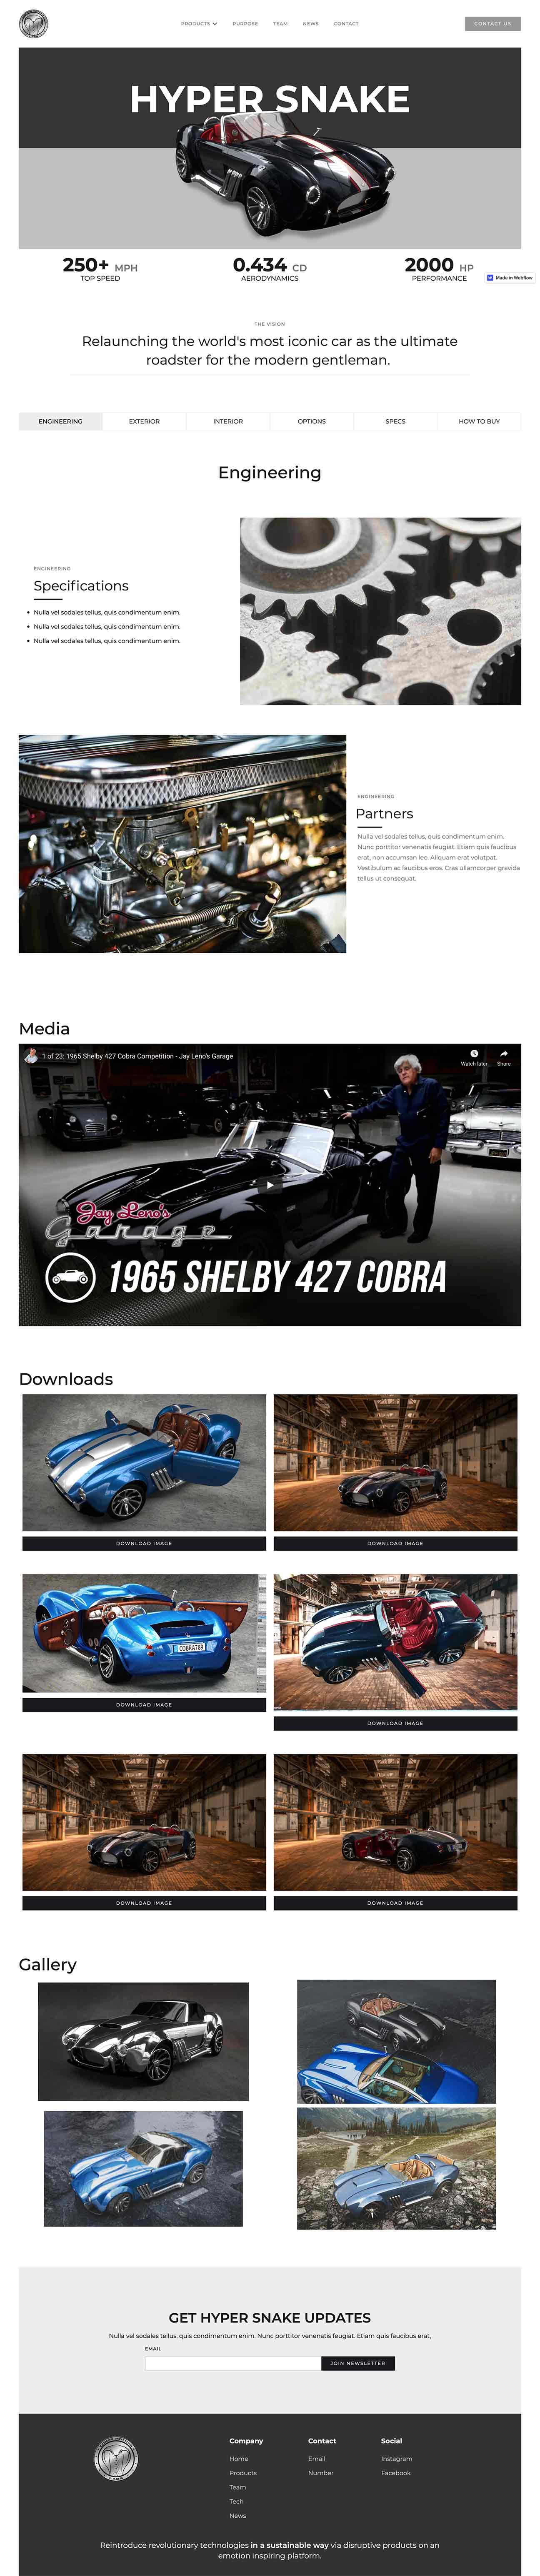 Custom website designed for car manufacturer